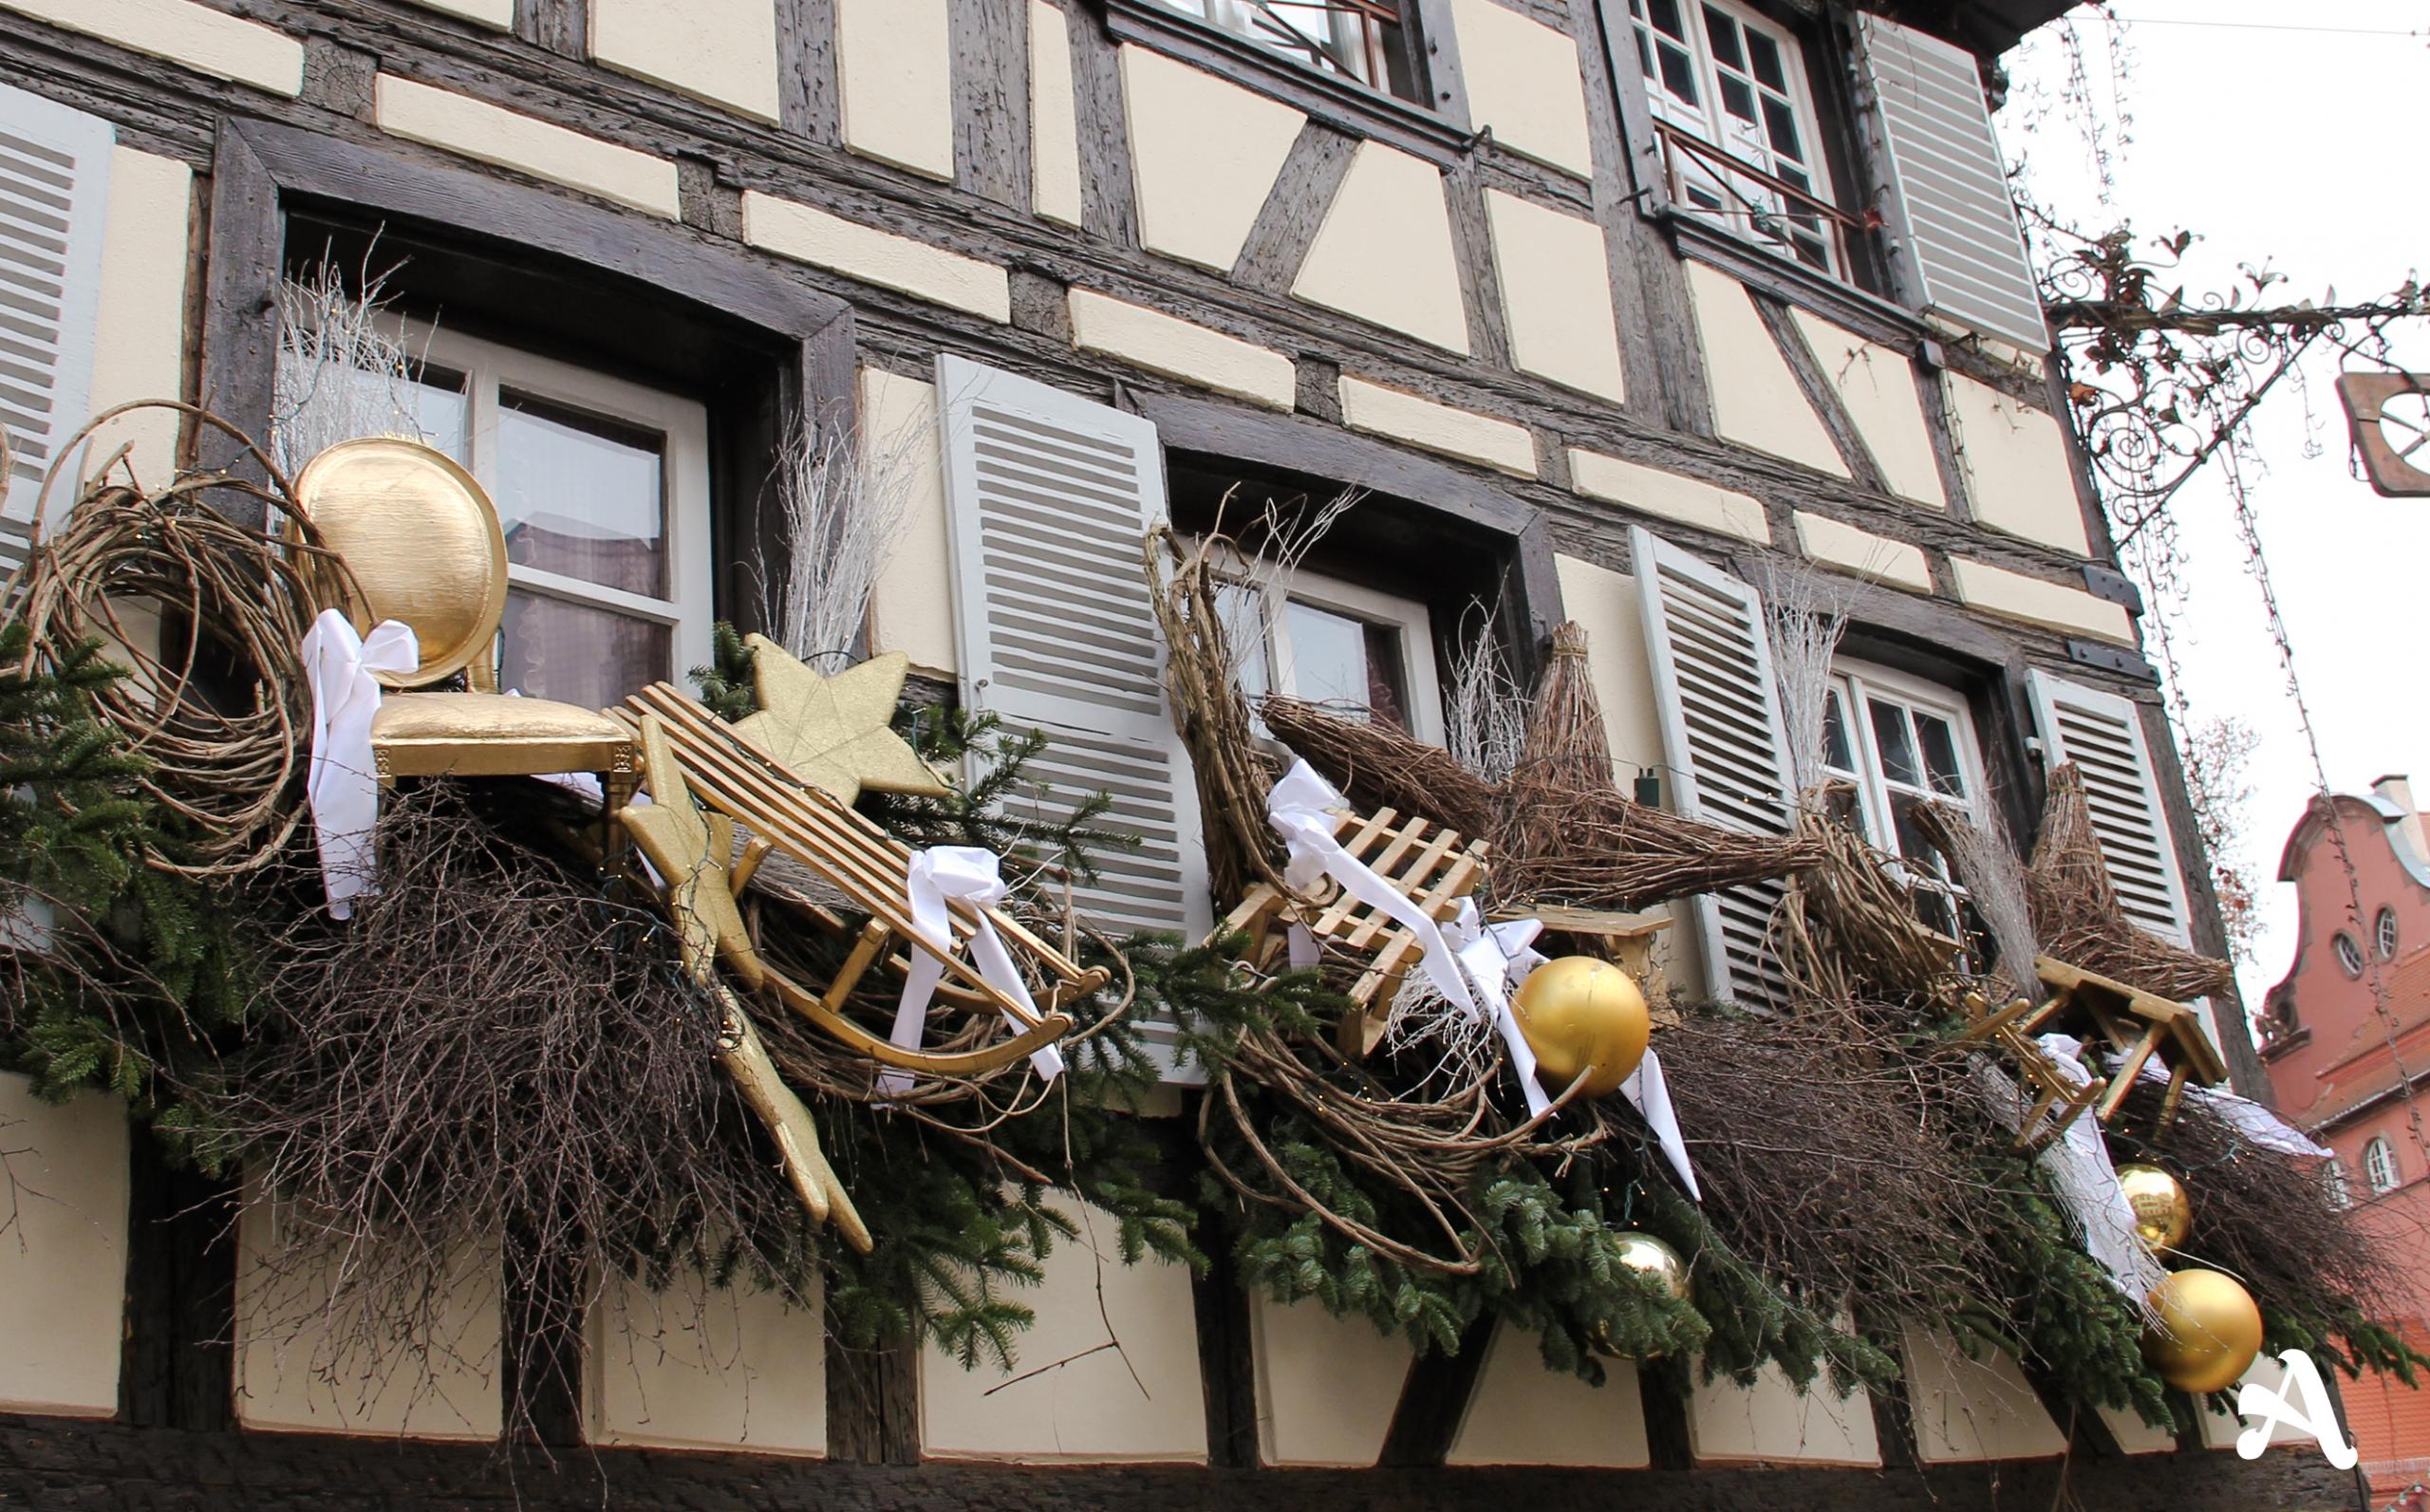 #946437 Strasbourg Et Son Marché De Noël Awwway 5517 décorations de noel strasbourg 2654x1652 px @ aertt.com